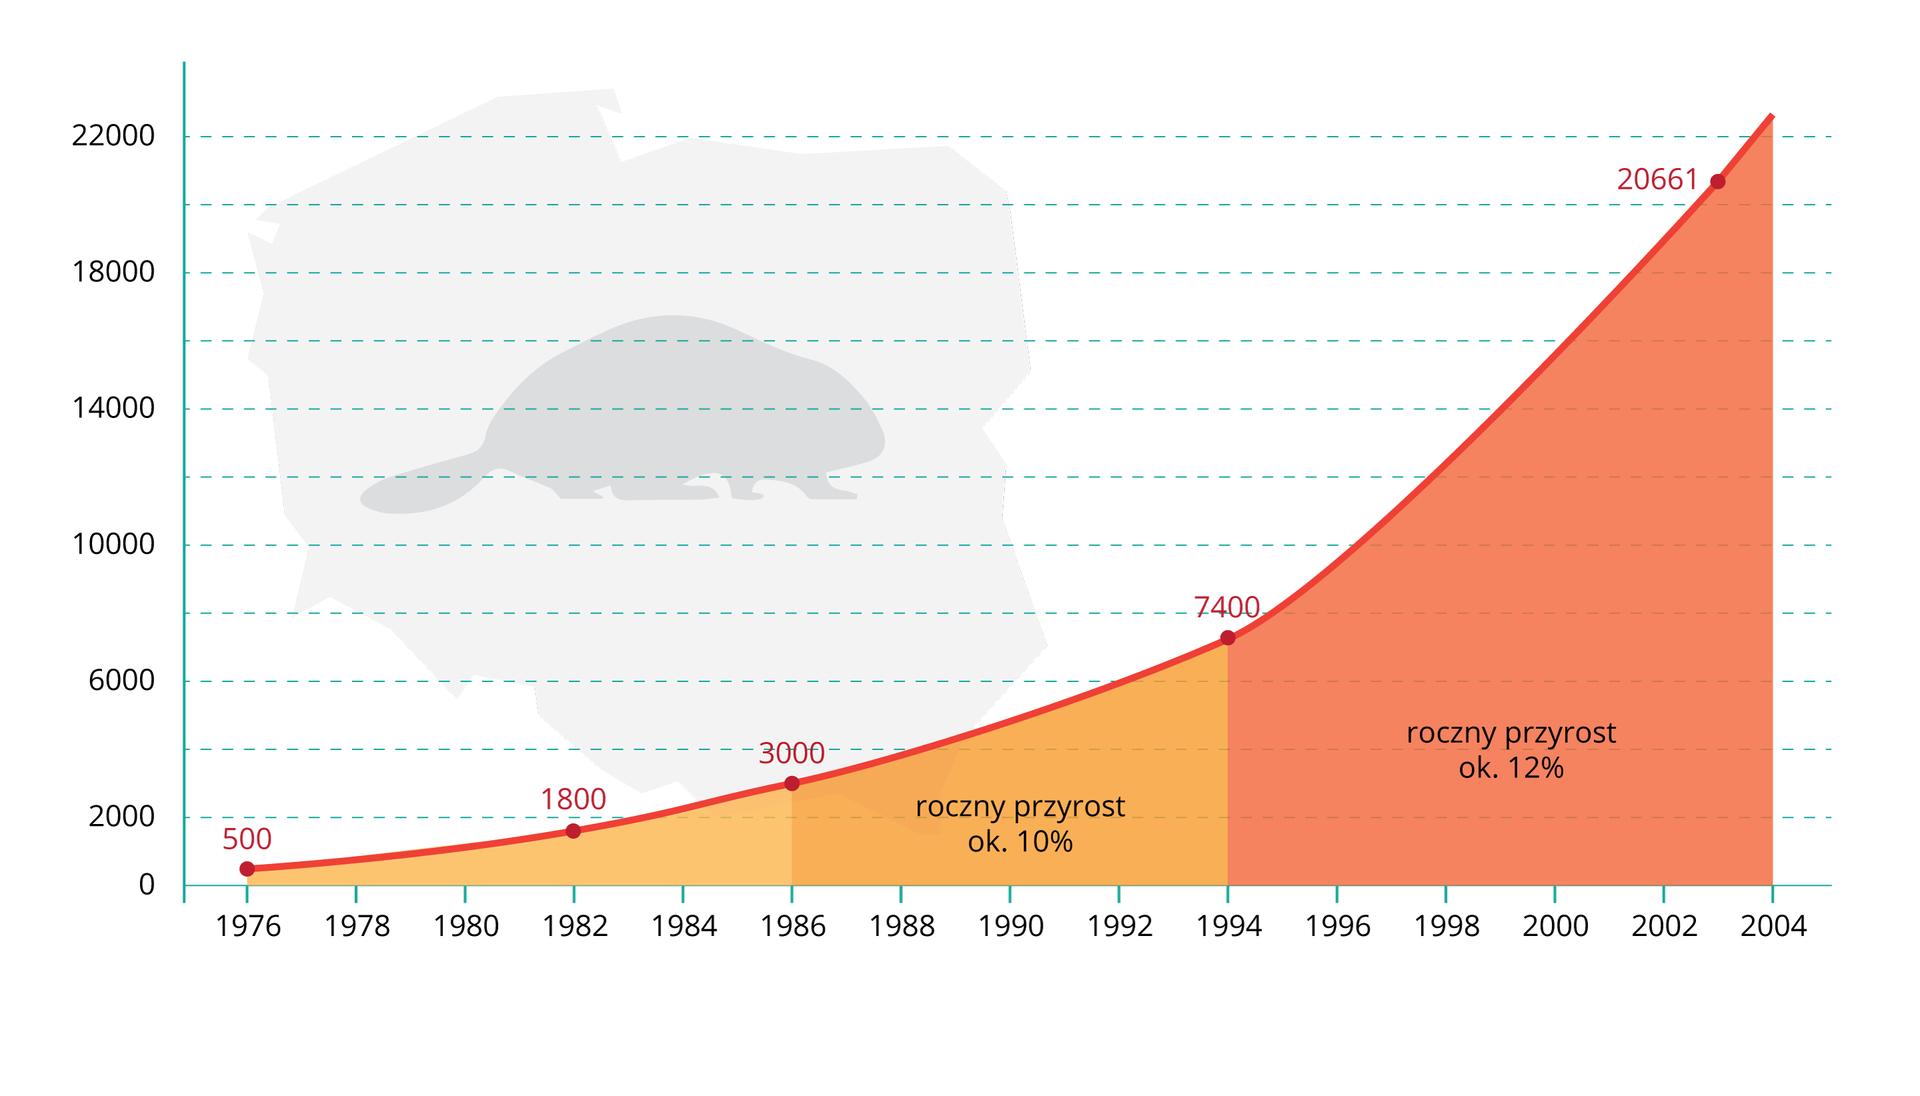 Ilustracja przedstawia wykres zmian liczebności bobra europejskiego wPolsce wciągu ostatniego ćwierćwiecza. Ilustruje to szara sylwetka bobra. Na osi Xpodpisano lata. Na osi Yzaznaczono liczebność zwierząt. Pomarańczowe iróżowa płaszczyzny przedstawiają procentowe tempo przyrostu rocznego liczby bobrów wodcinkach czasu.